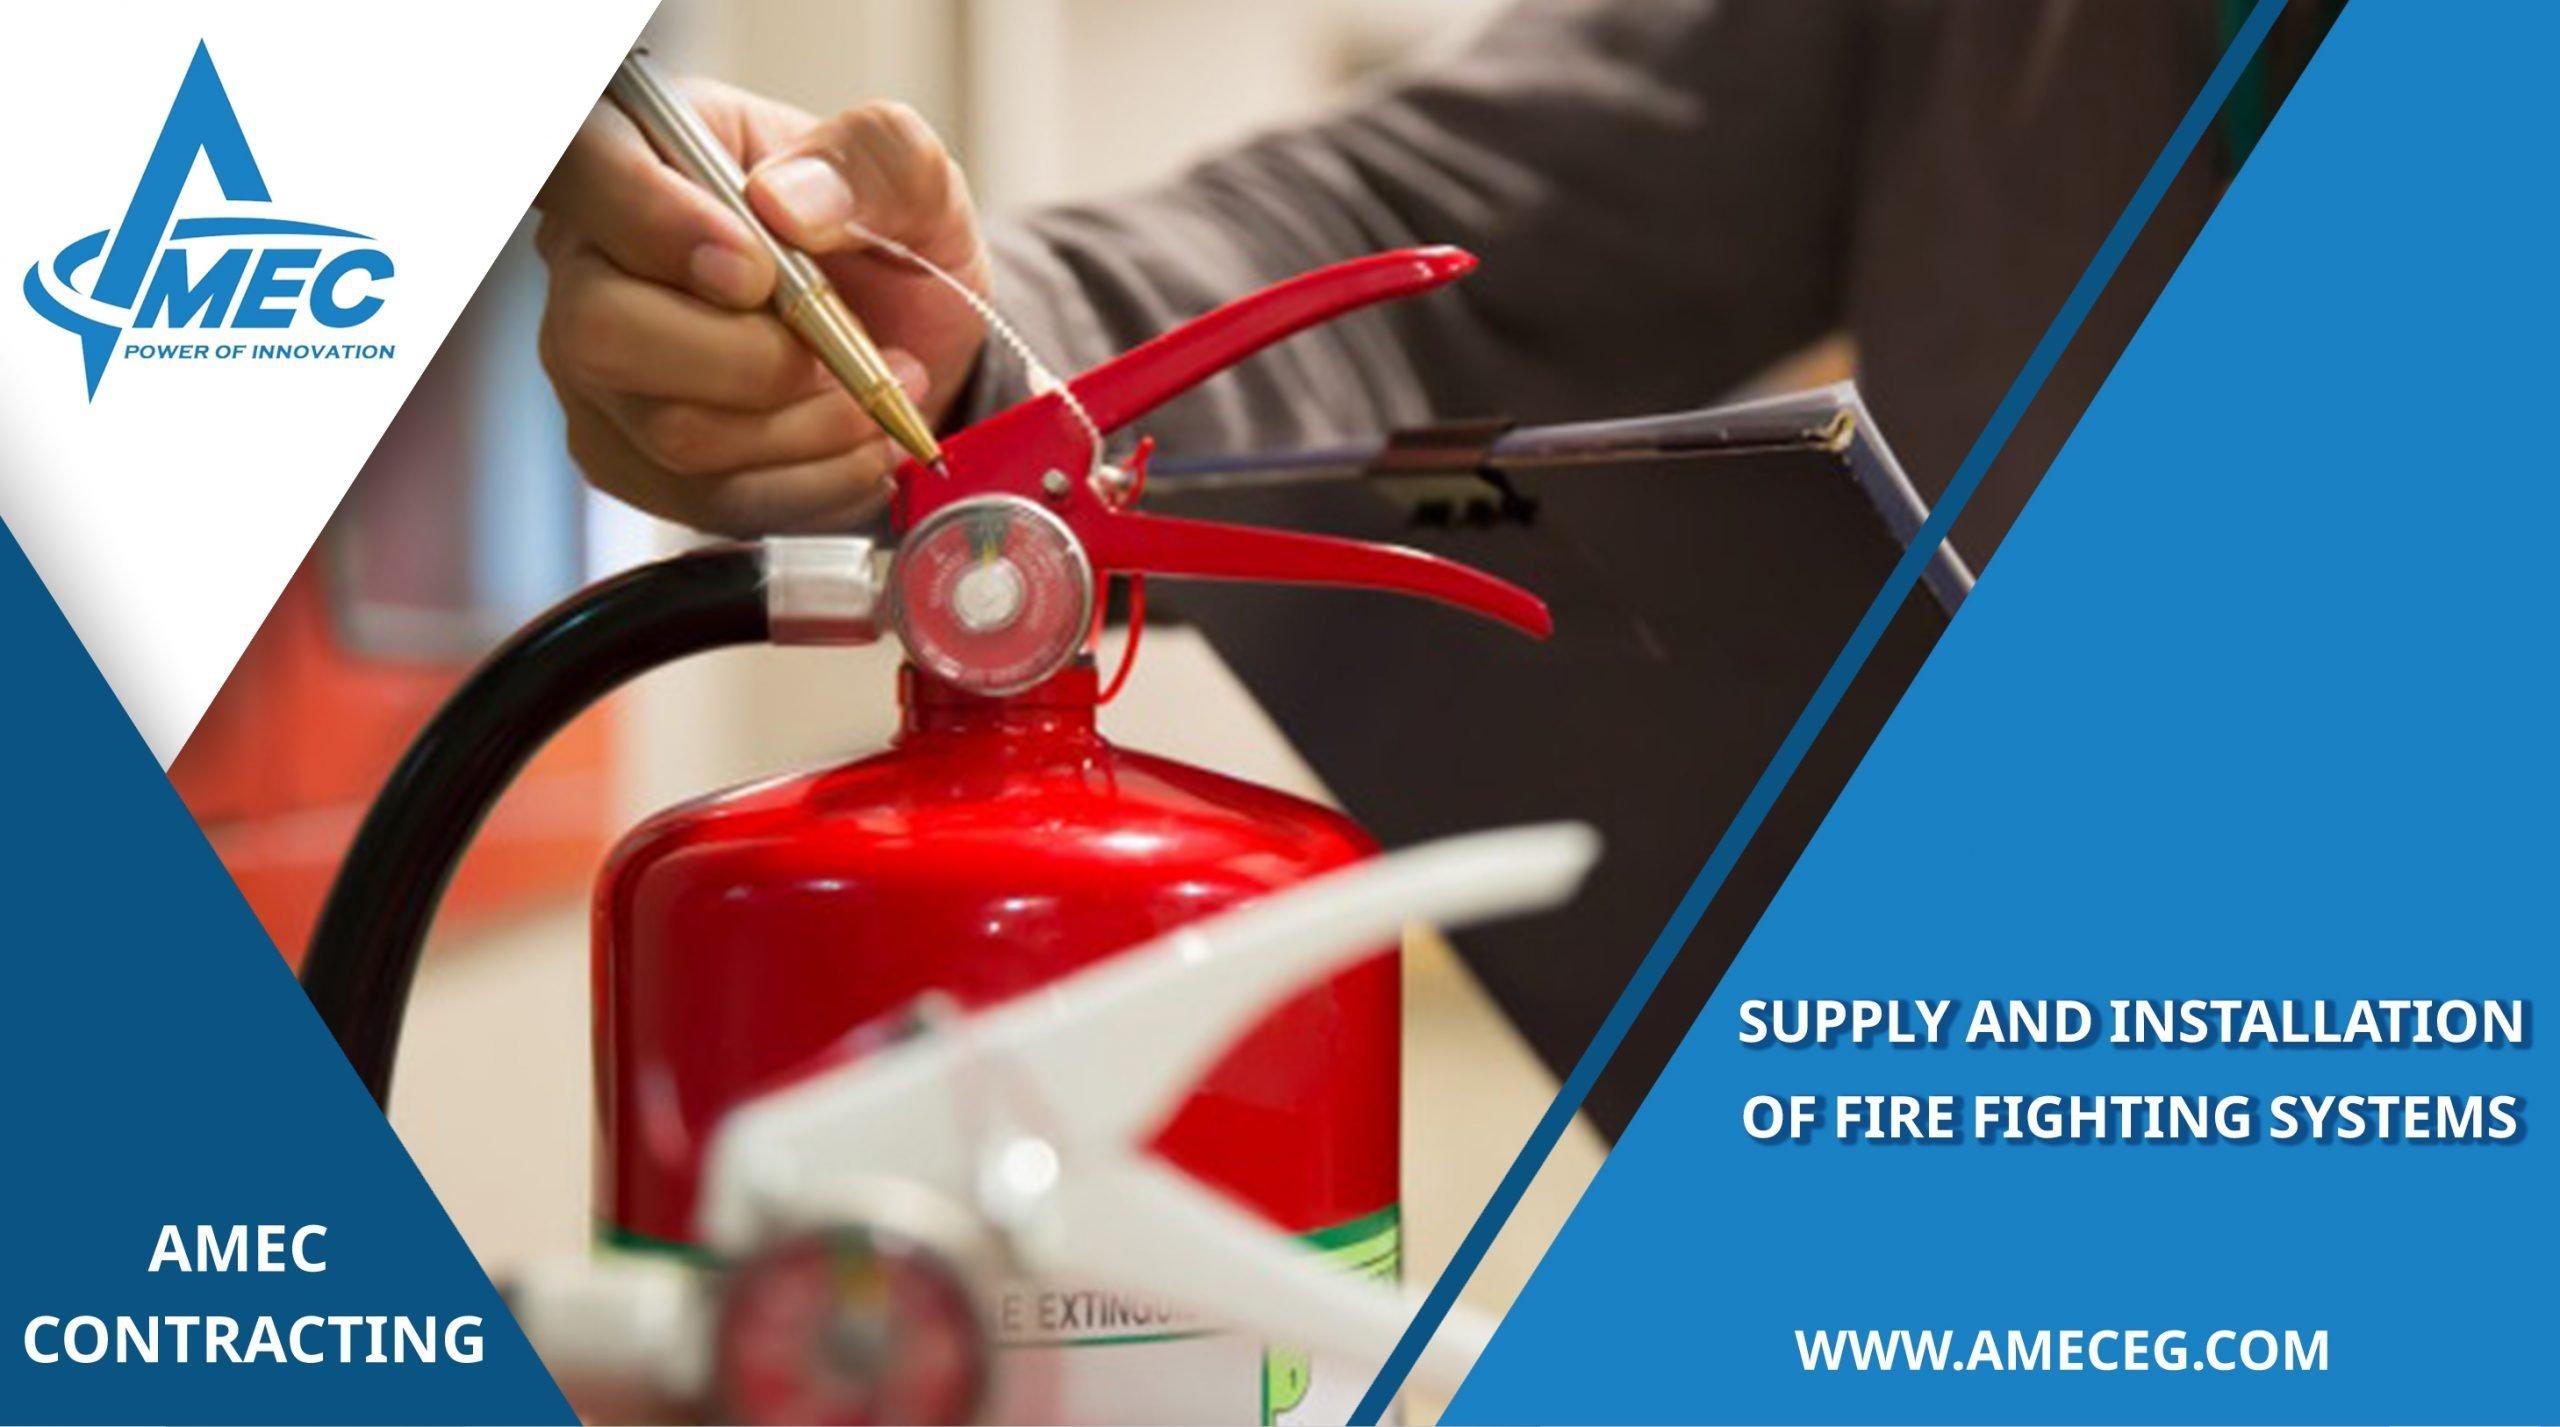 توريد وتركيب أنظمة مكافحة الحريق